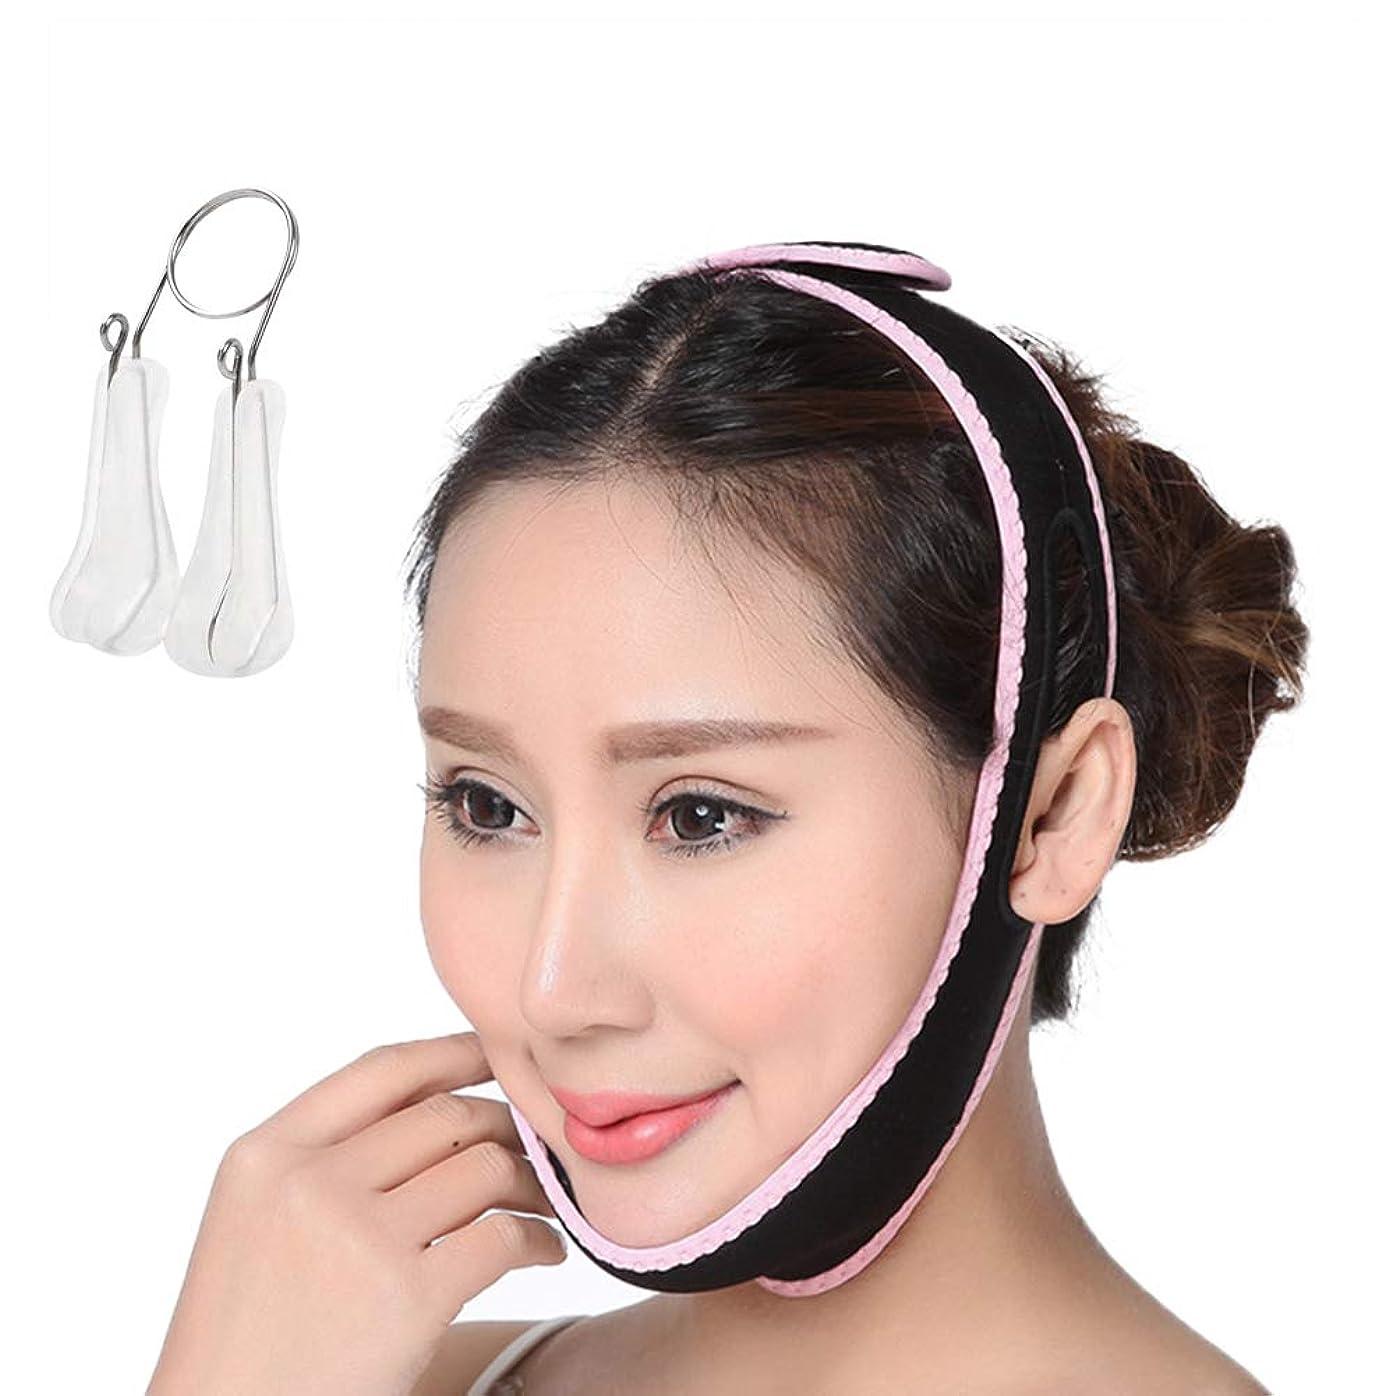 おもてなし改修するぐったりRIRGI 小顔 ベルト 矯正 リフトアップ 2点セット 鼻筋セレブ付き 二重あご 補正ベルト 顔痩せ サイズ調整可能 通気性 簡単脱着 いびき対策 寝ながら小顔 ゲルマニウムベルト